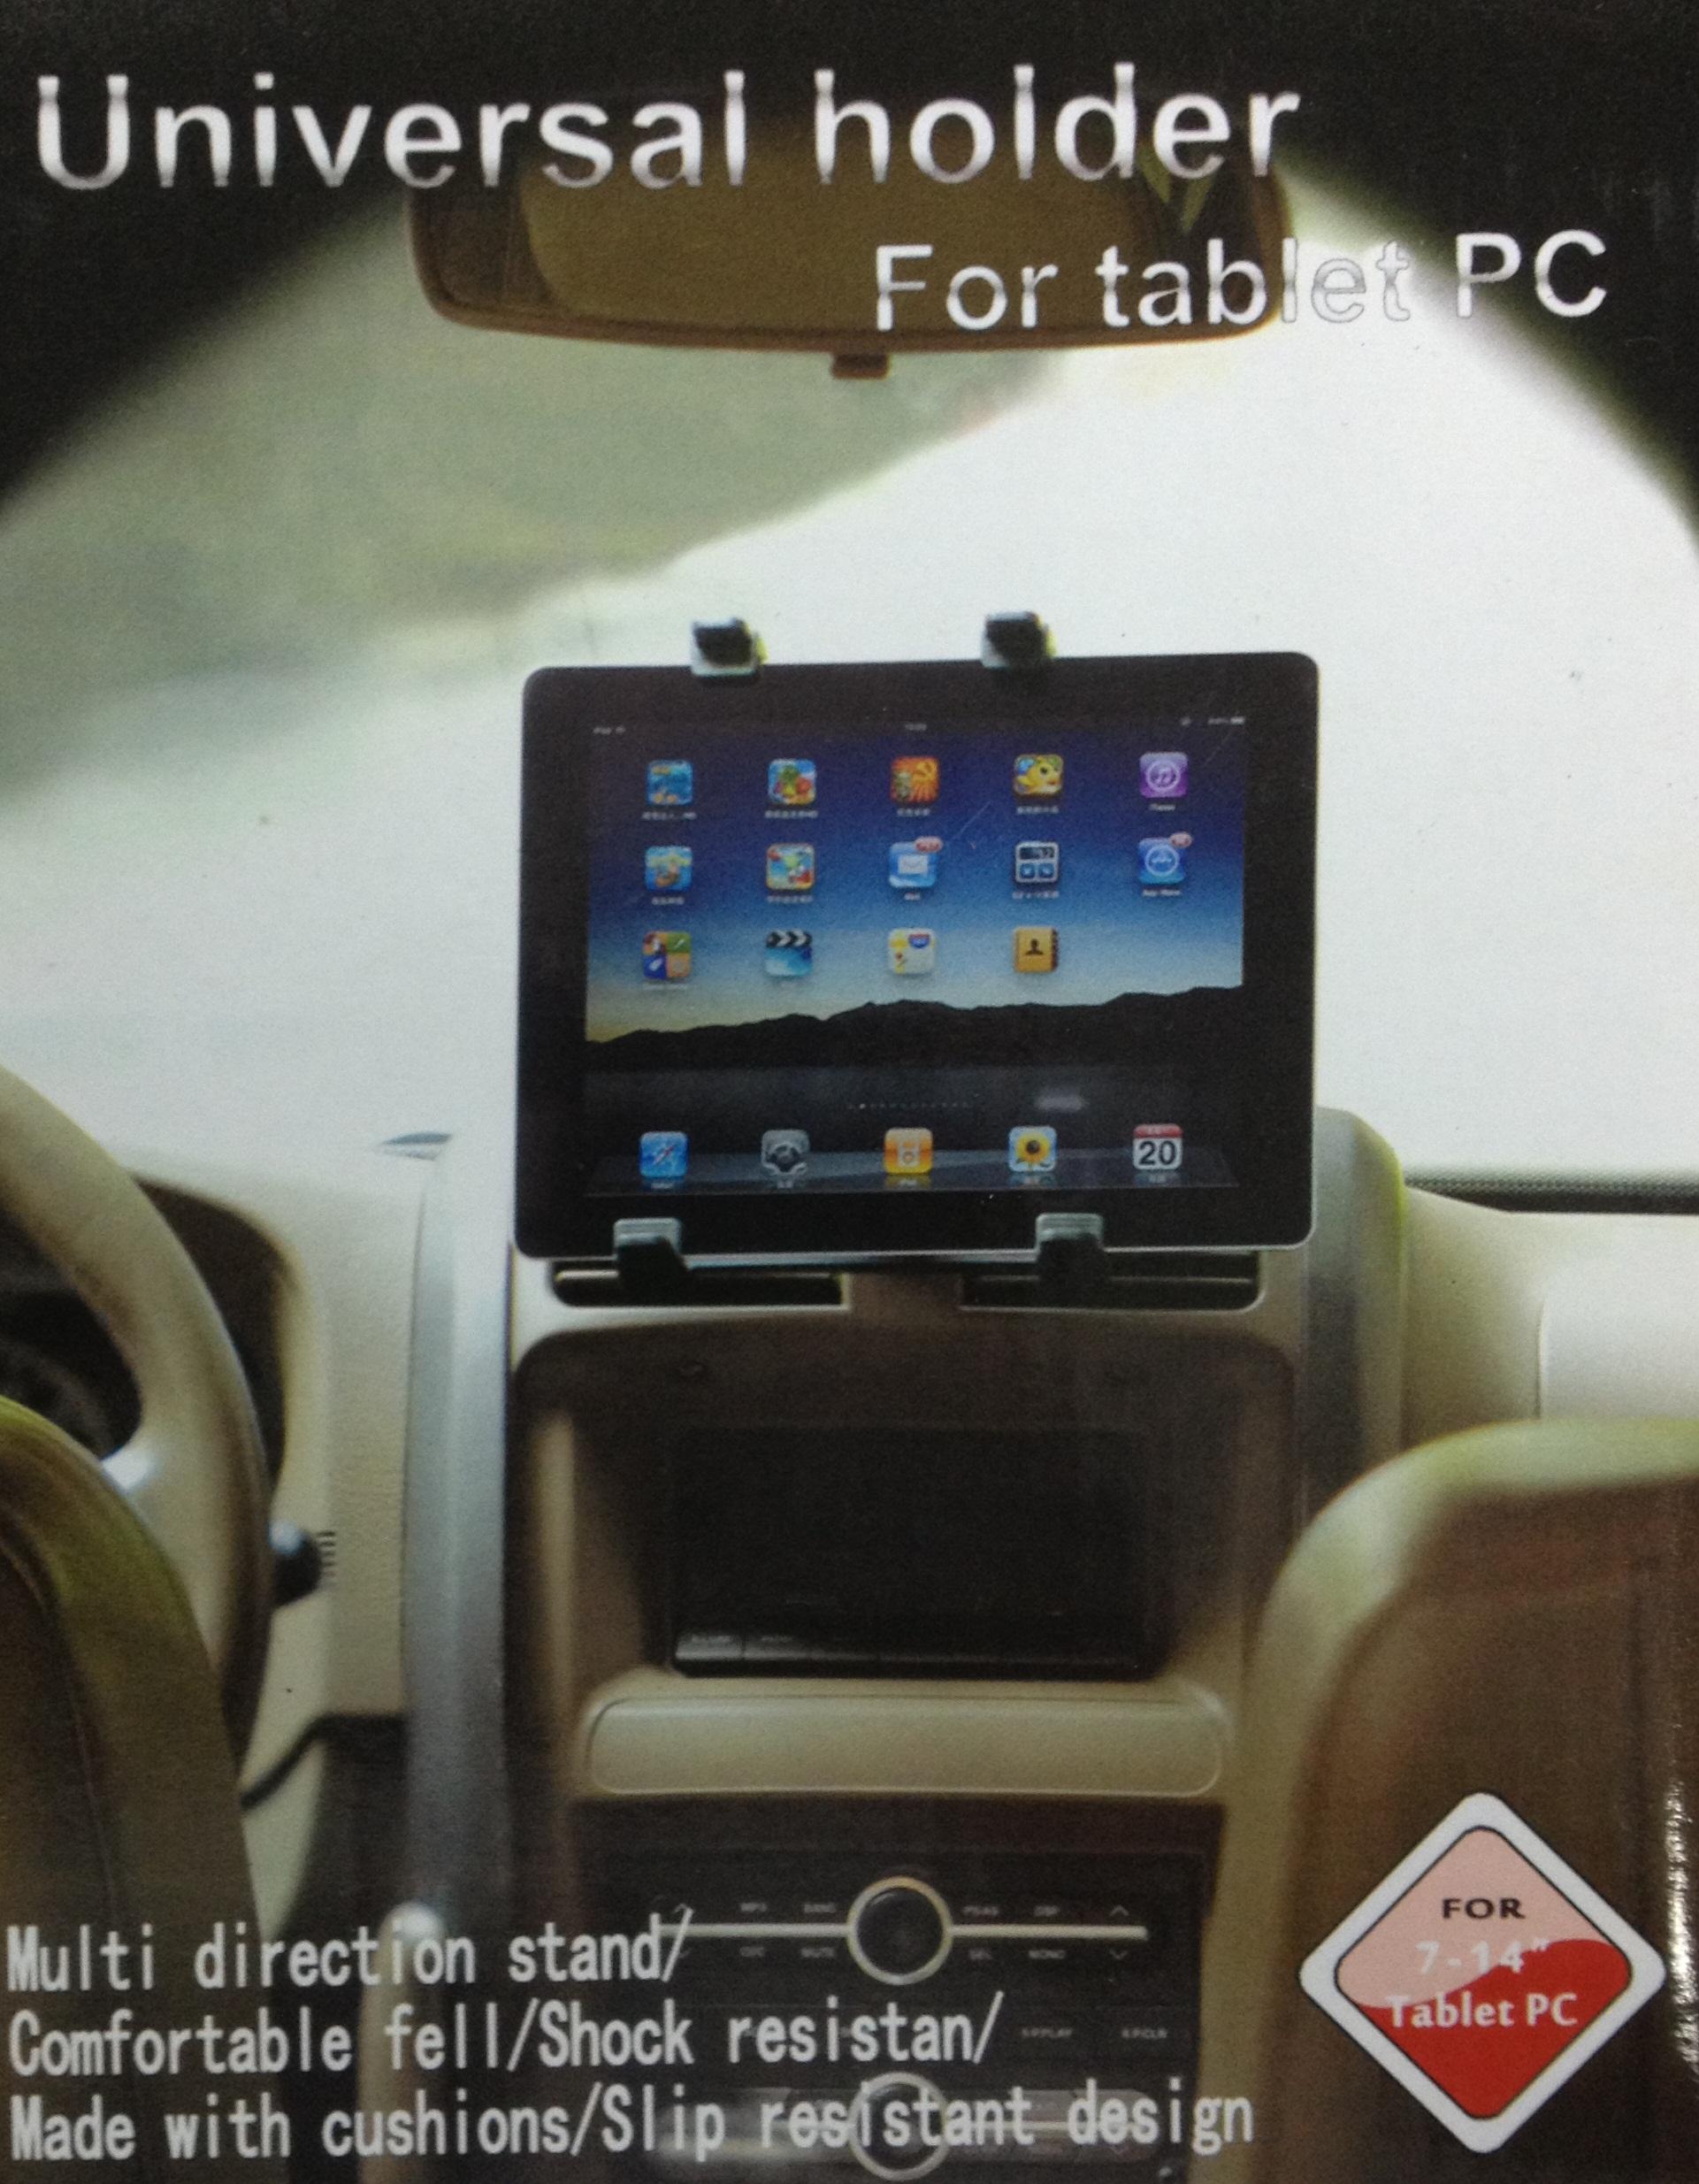 תושבת לרכב אוניברסלית לטאבלט/אייפד - חיבור שמשה - משלוח עד הבית!